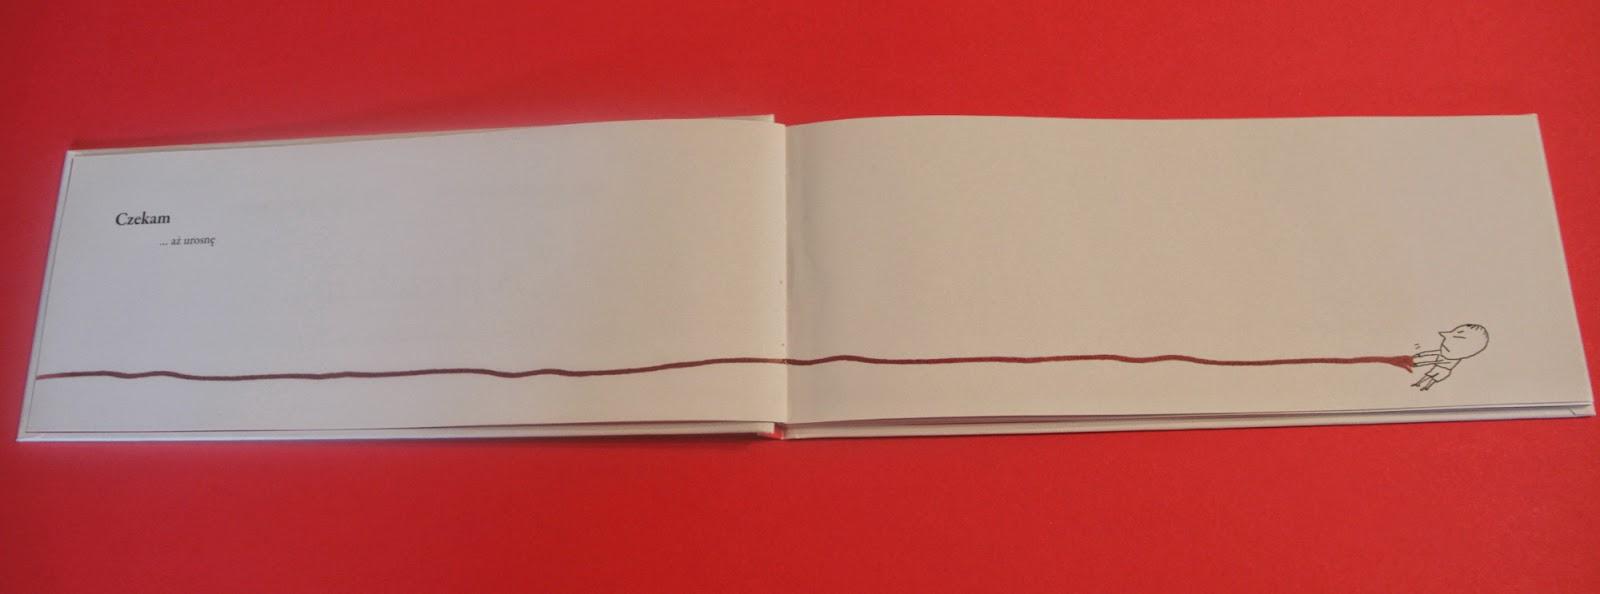 picture book A ja czekam Davide Cali, Serge Bloch